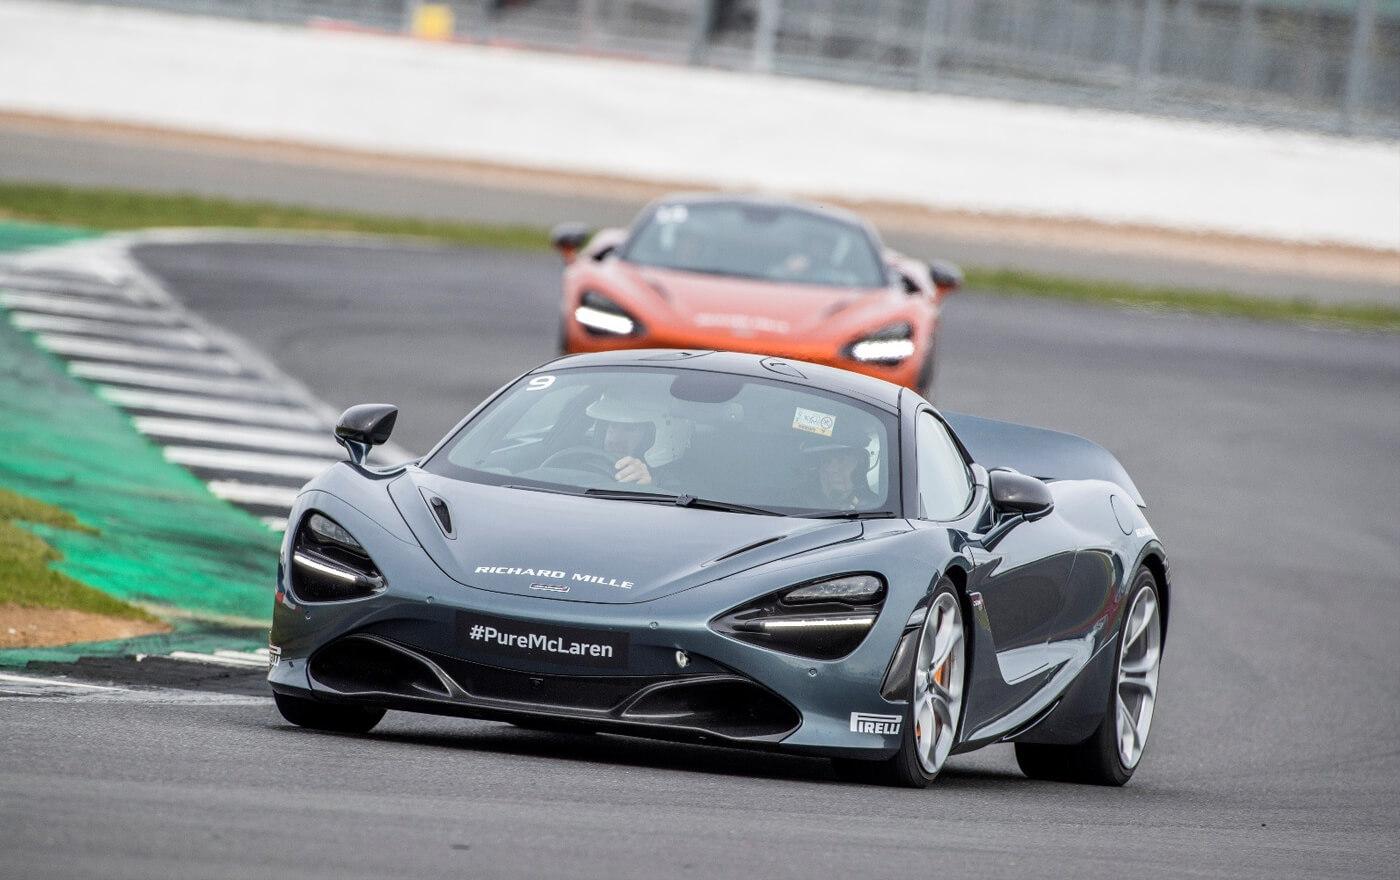 Pure McLaren Donington Circuit